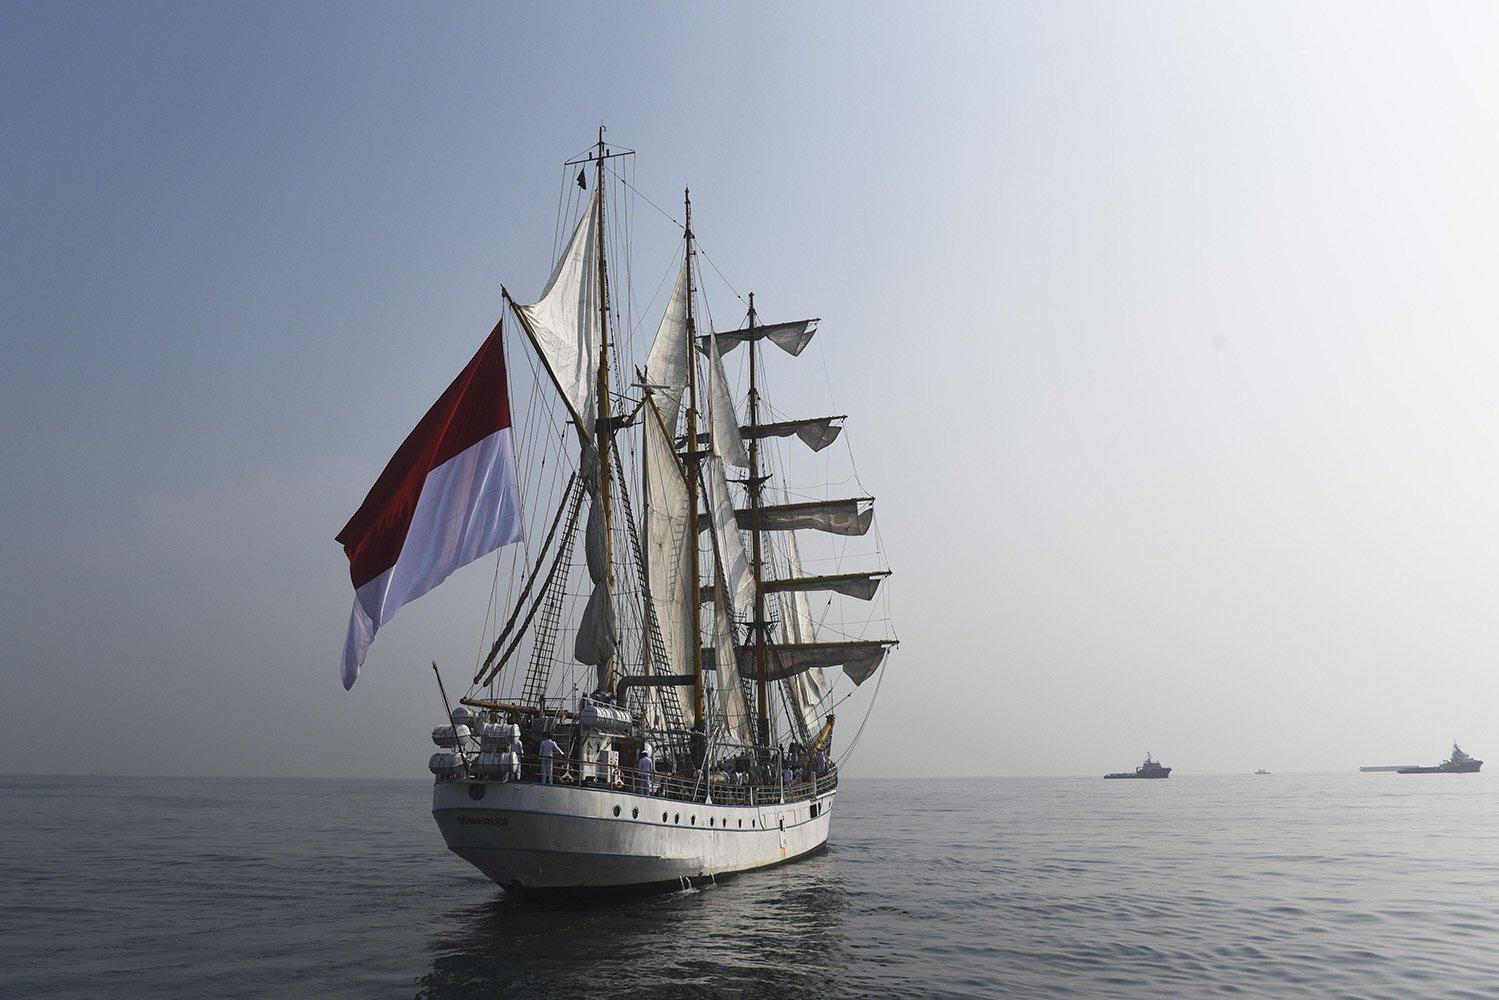 Bendera Merah Putih berkibar di atas KRI Dewaruci di Perairan Laut Jawa, Kamis (17/8). KRI Dewaruci menyelenggarakan upacara HUT ke-72 RI di atas kapal untuk pertama kali.